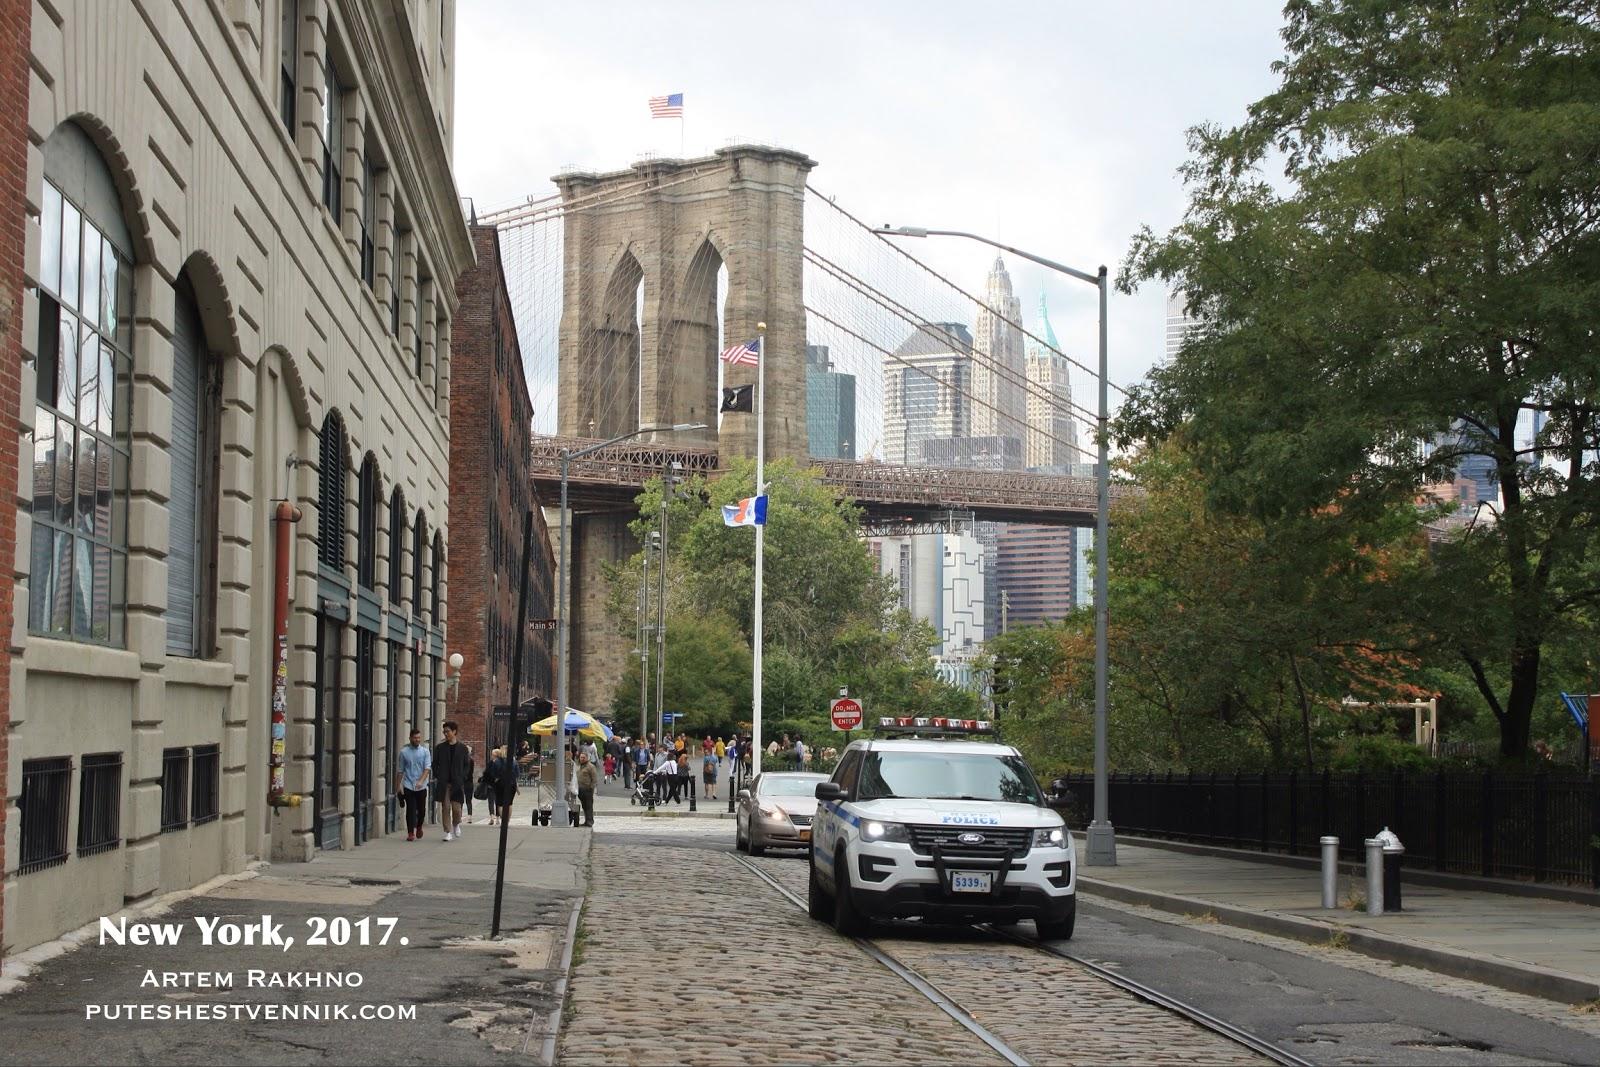 Бруклинский мост и мостовая в Бруклине